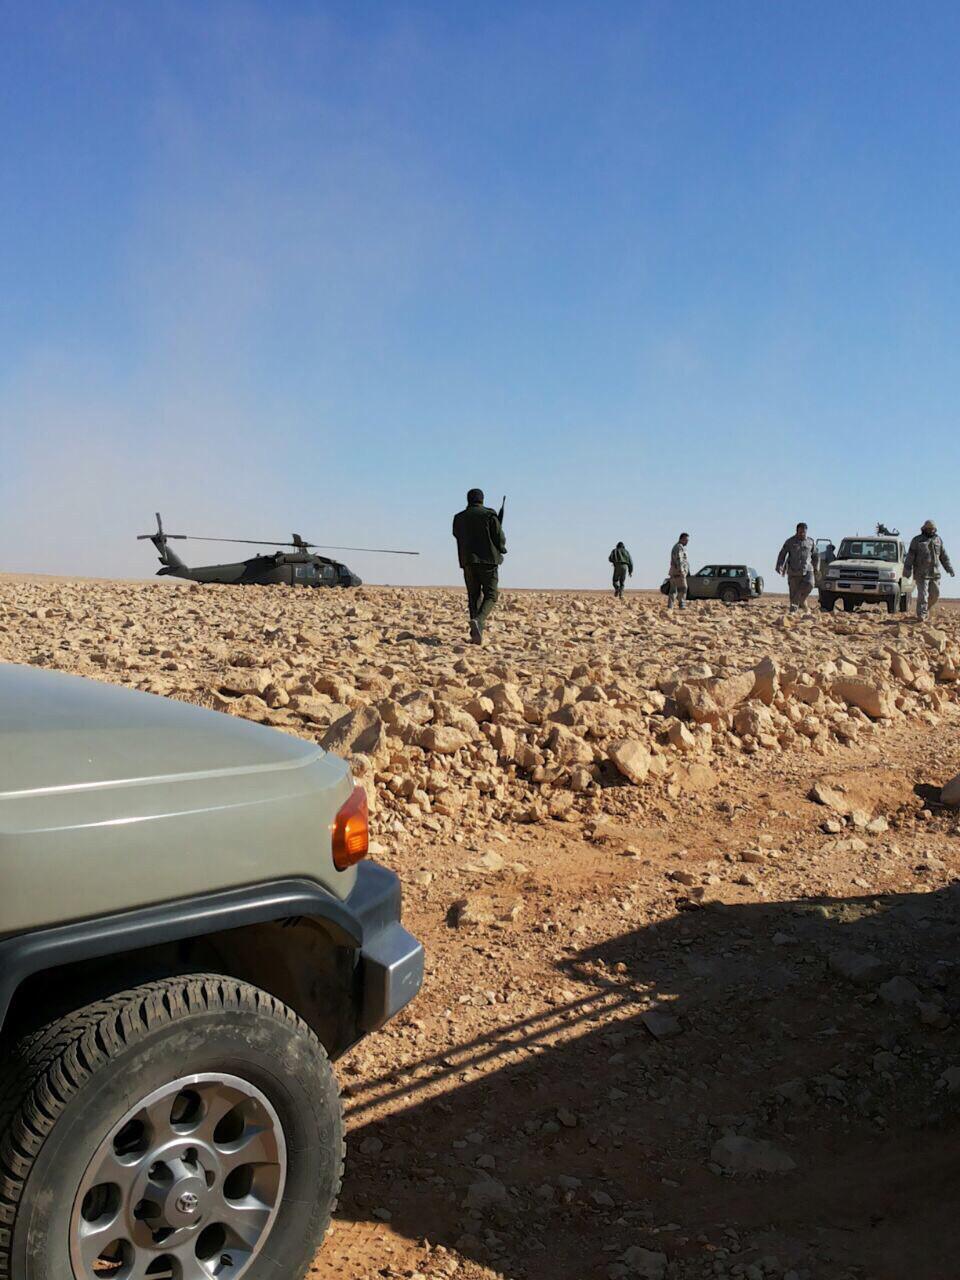 تعزيزات عسكرية للحدود الشمالية بعد العملية الارهابية 5-1-2015